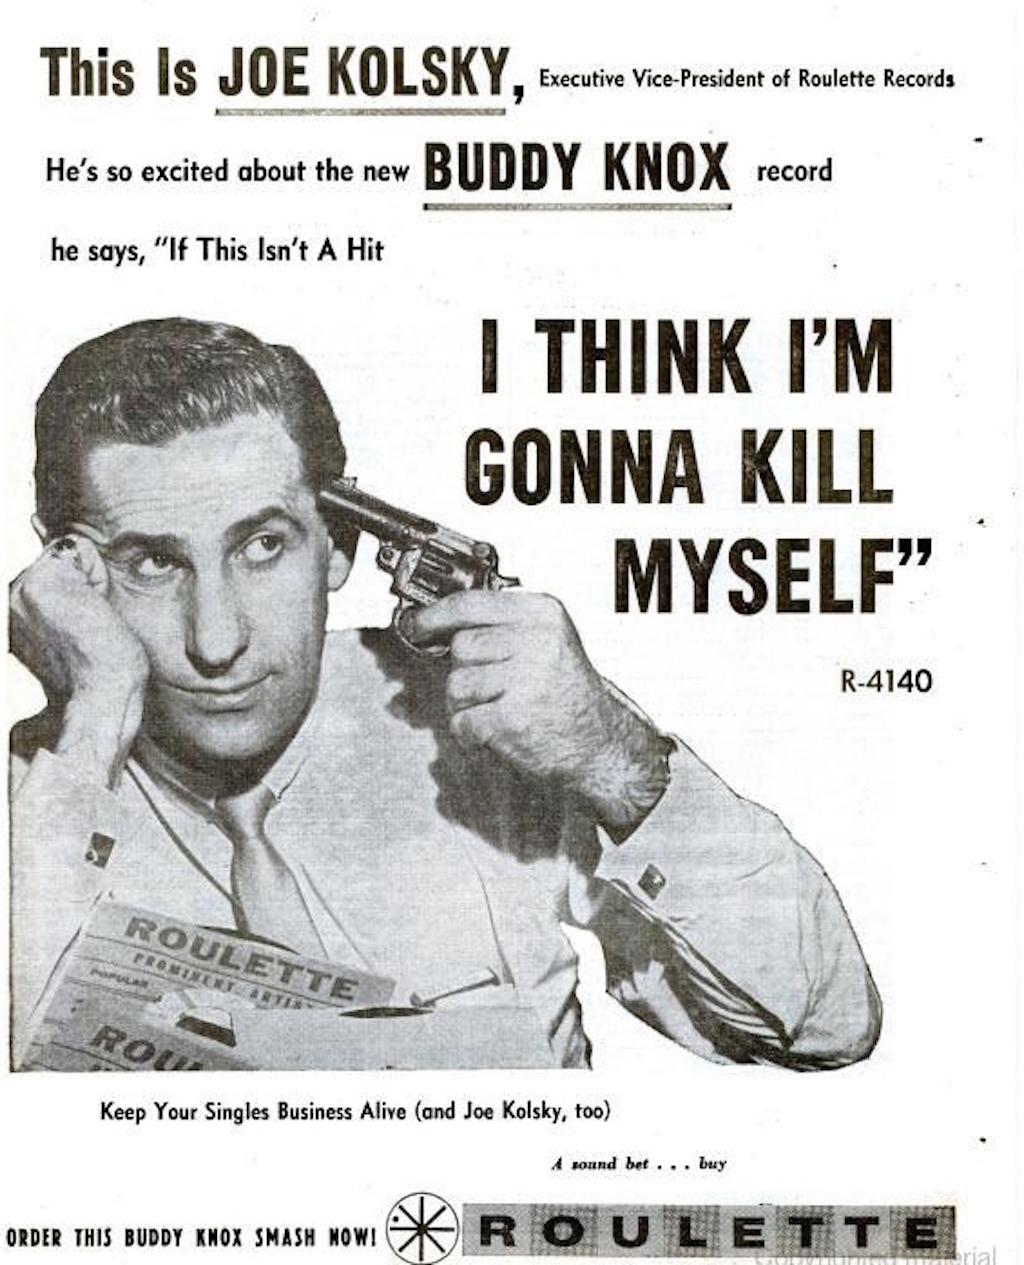 Joe Kolsky--Billboard March 23, 1959